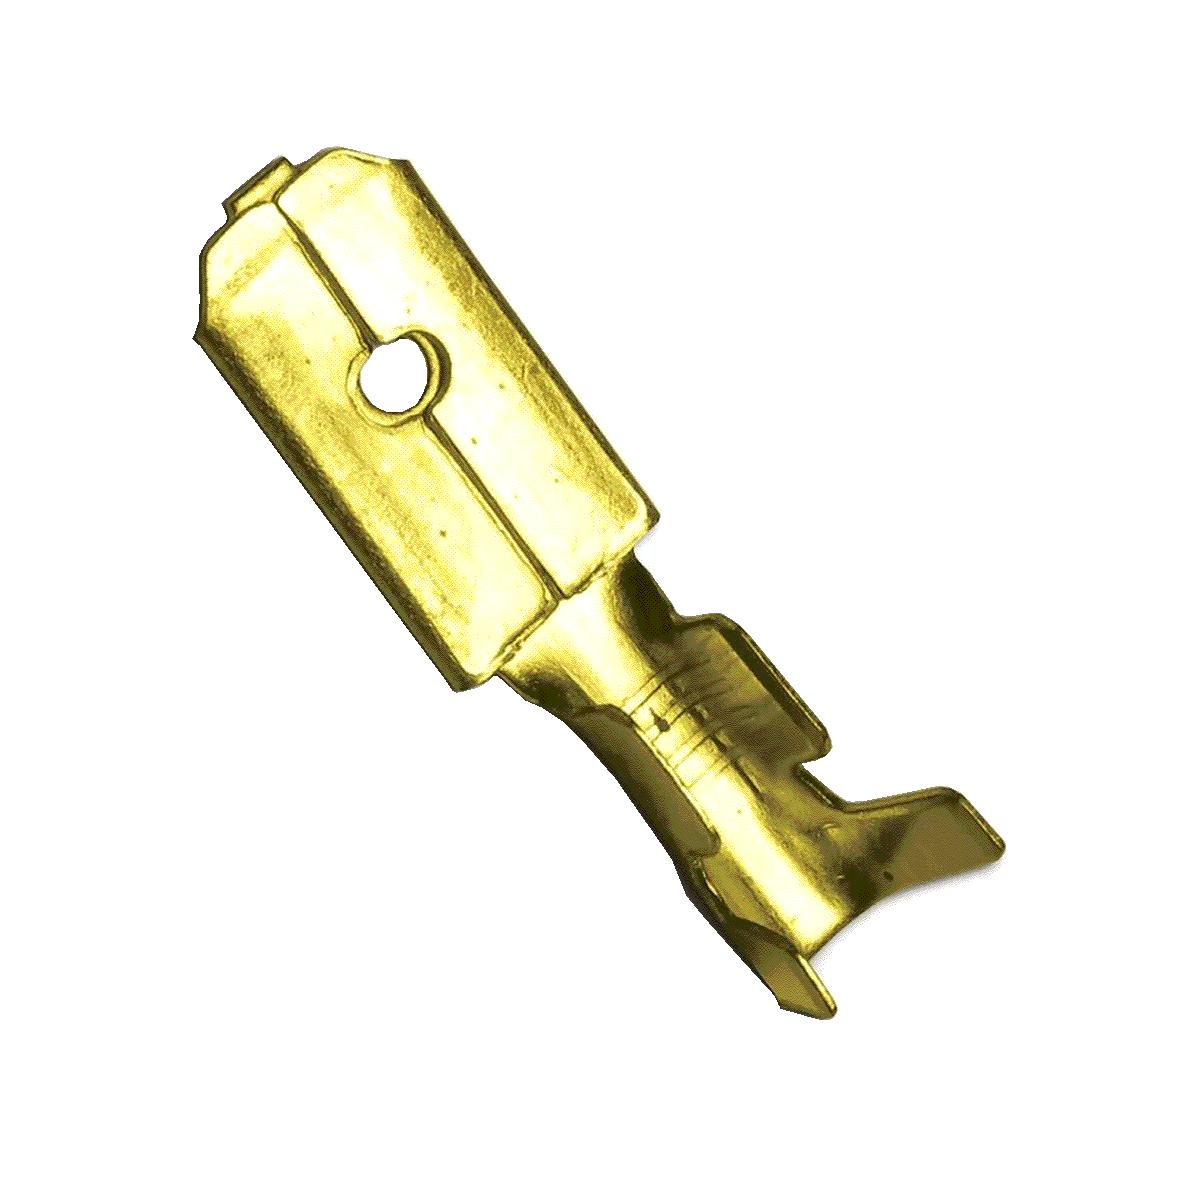 20 Terminais Macho Curto 6,3mm Latão